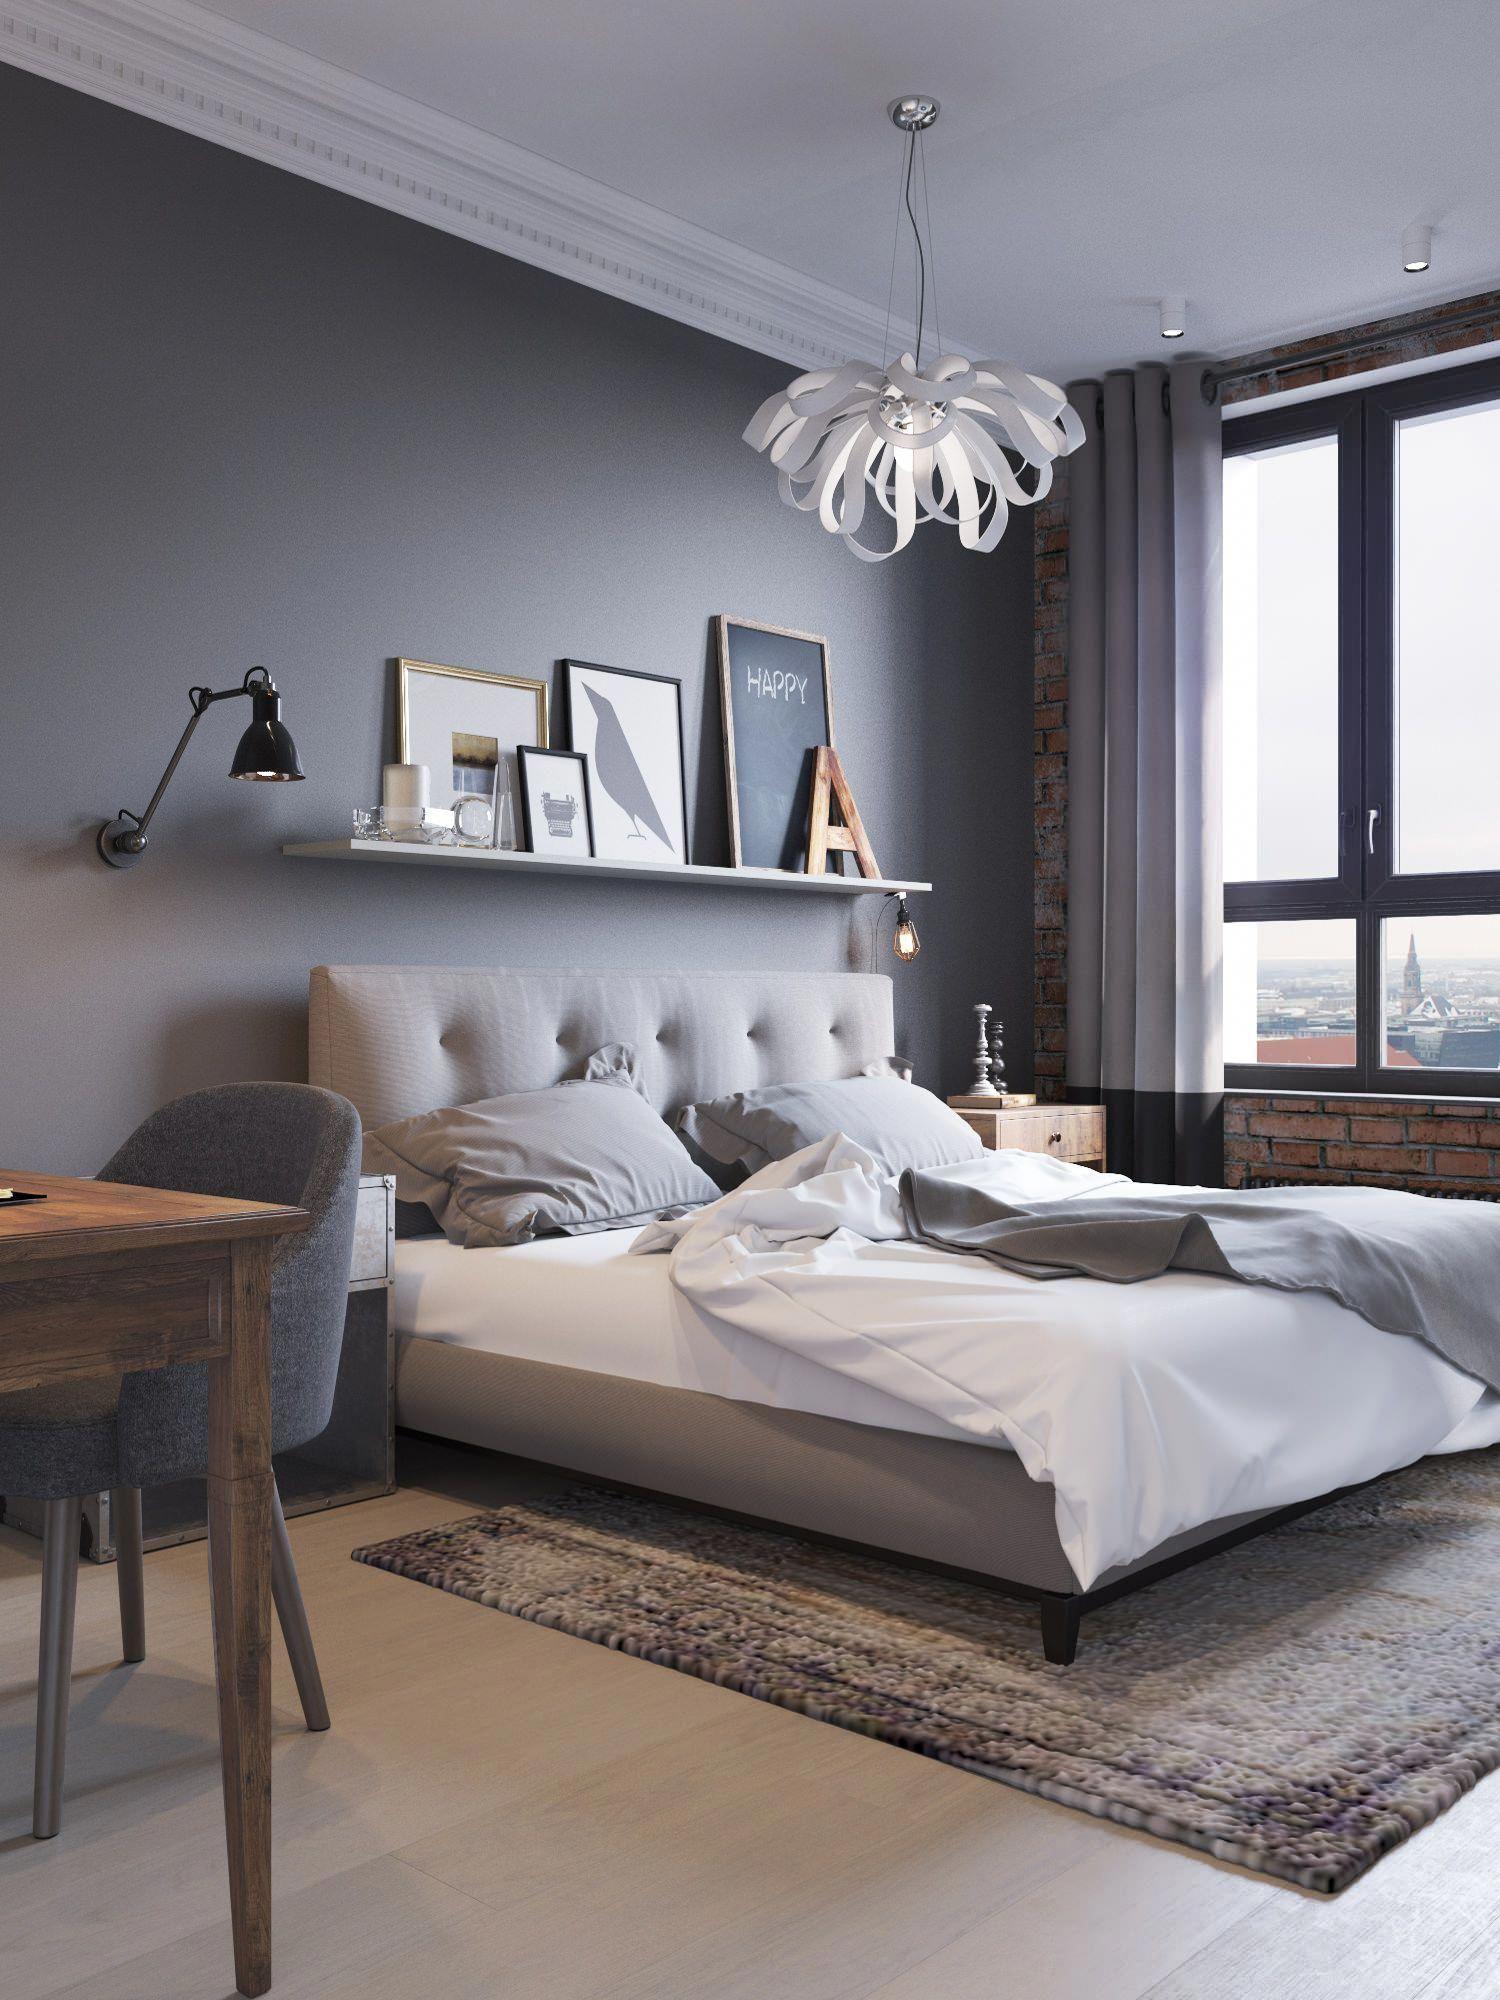 Trang trí phòng ngủ tân cổ điển với tranh và đèn chùm